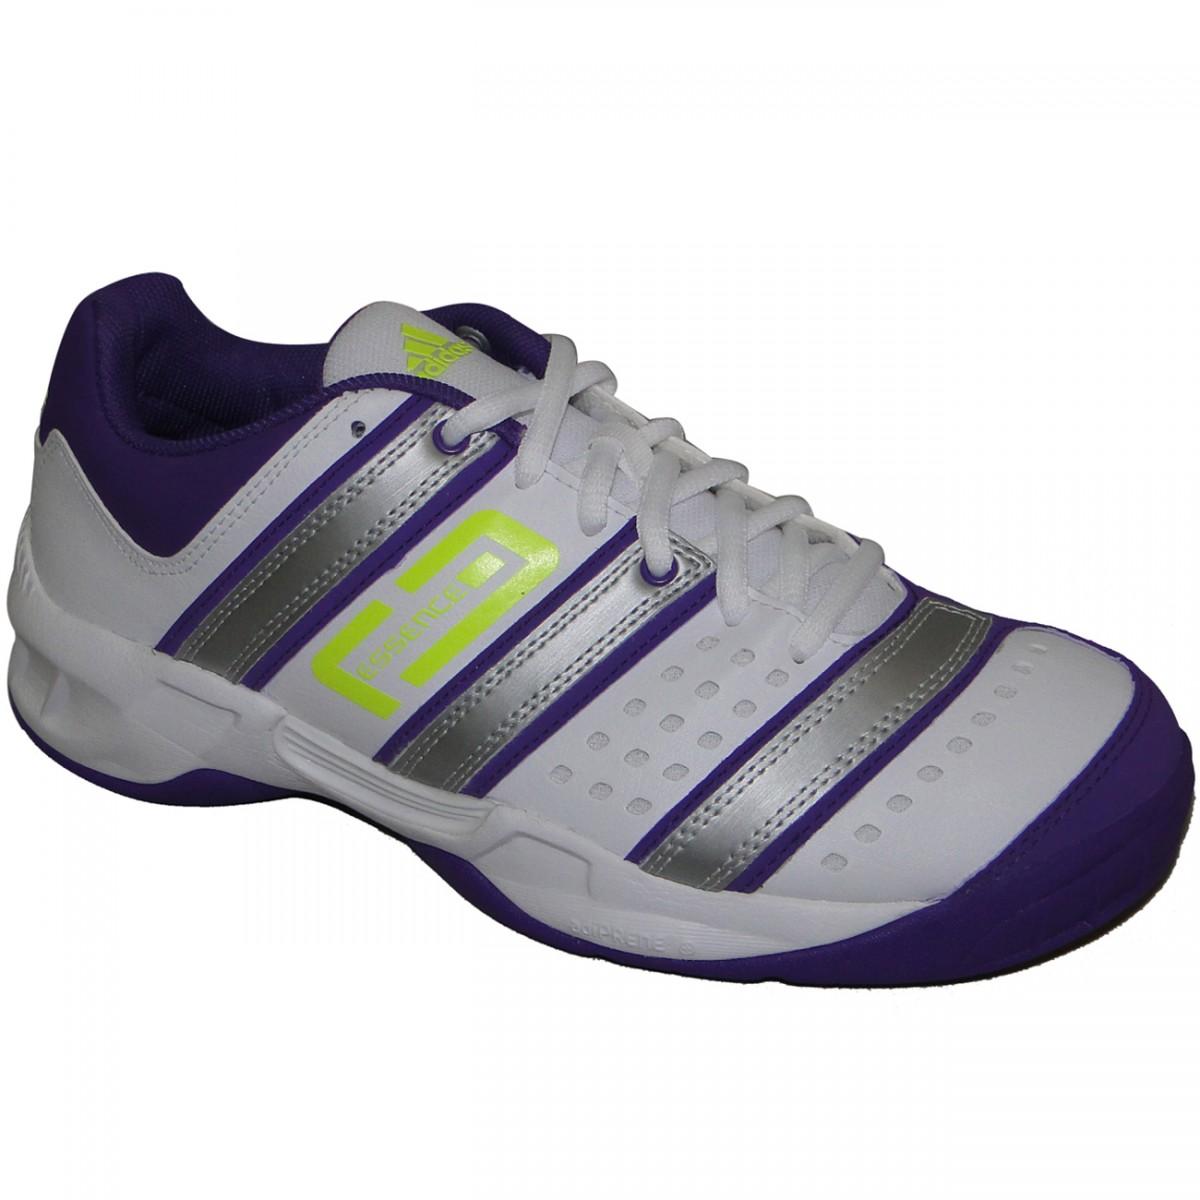 ae93b49eb07 Tênis Adidas Stabil Essence 2185 - BRANCO PRATA UVA - Chuteira Nike ...